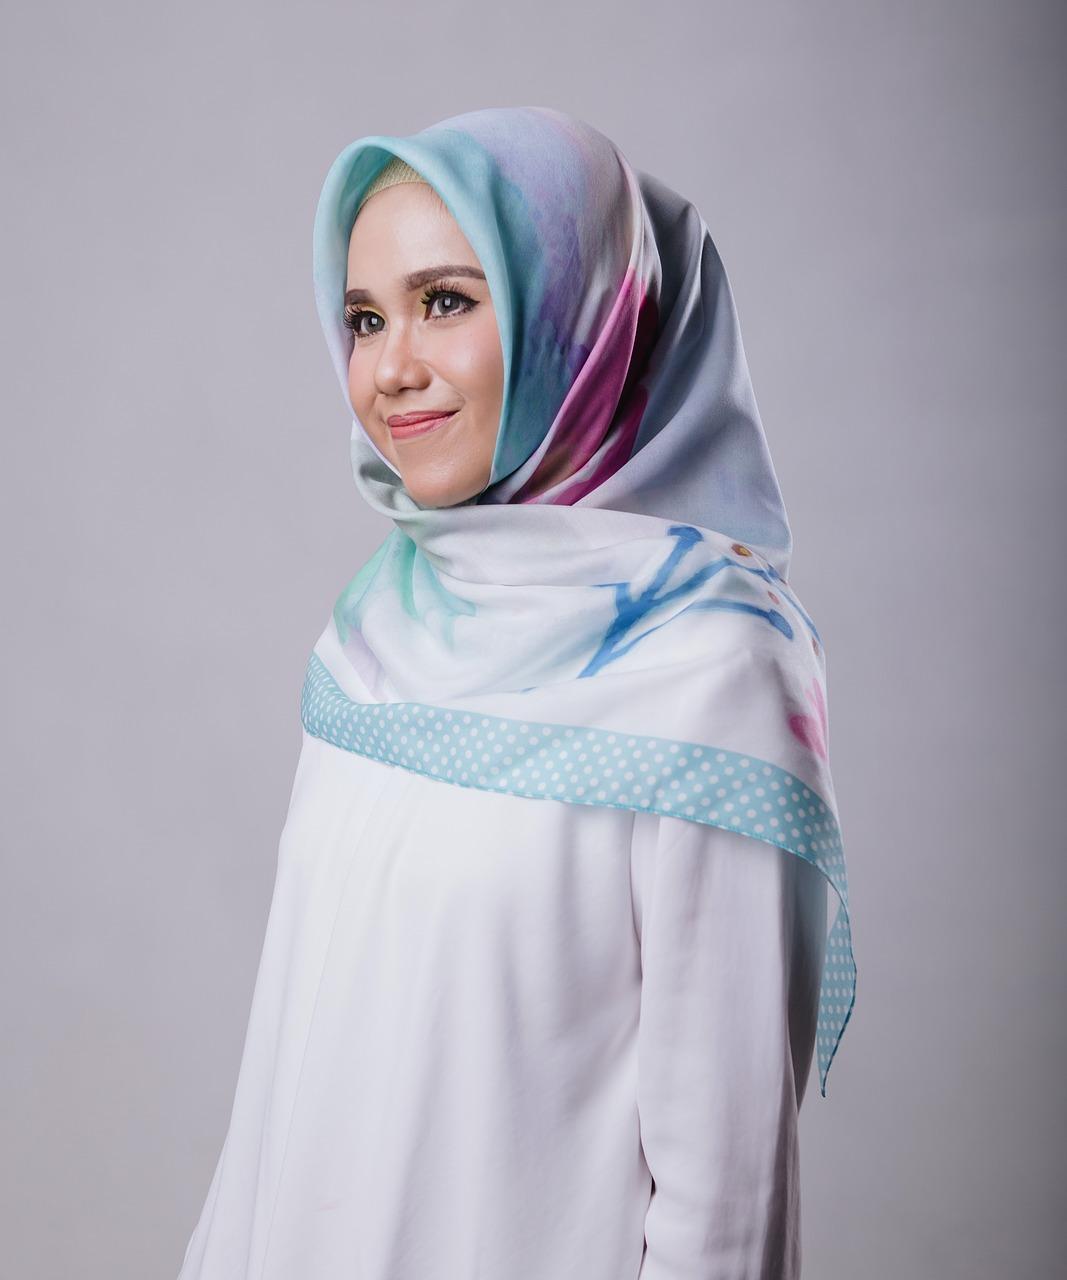 hijab-4158349_1280